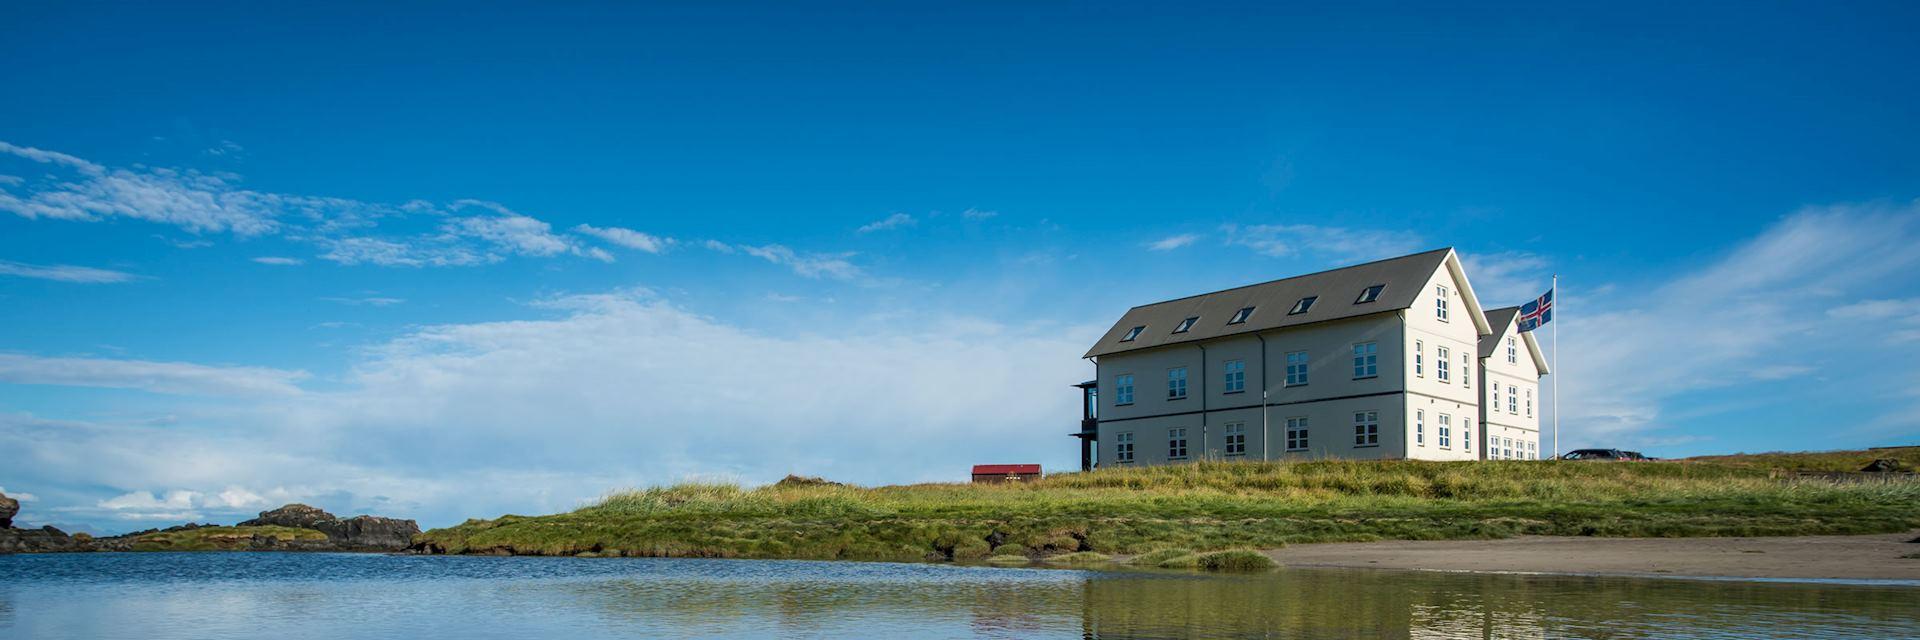 Hotel Buðir